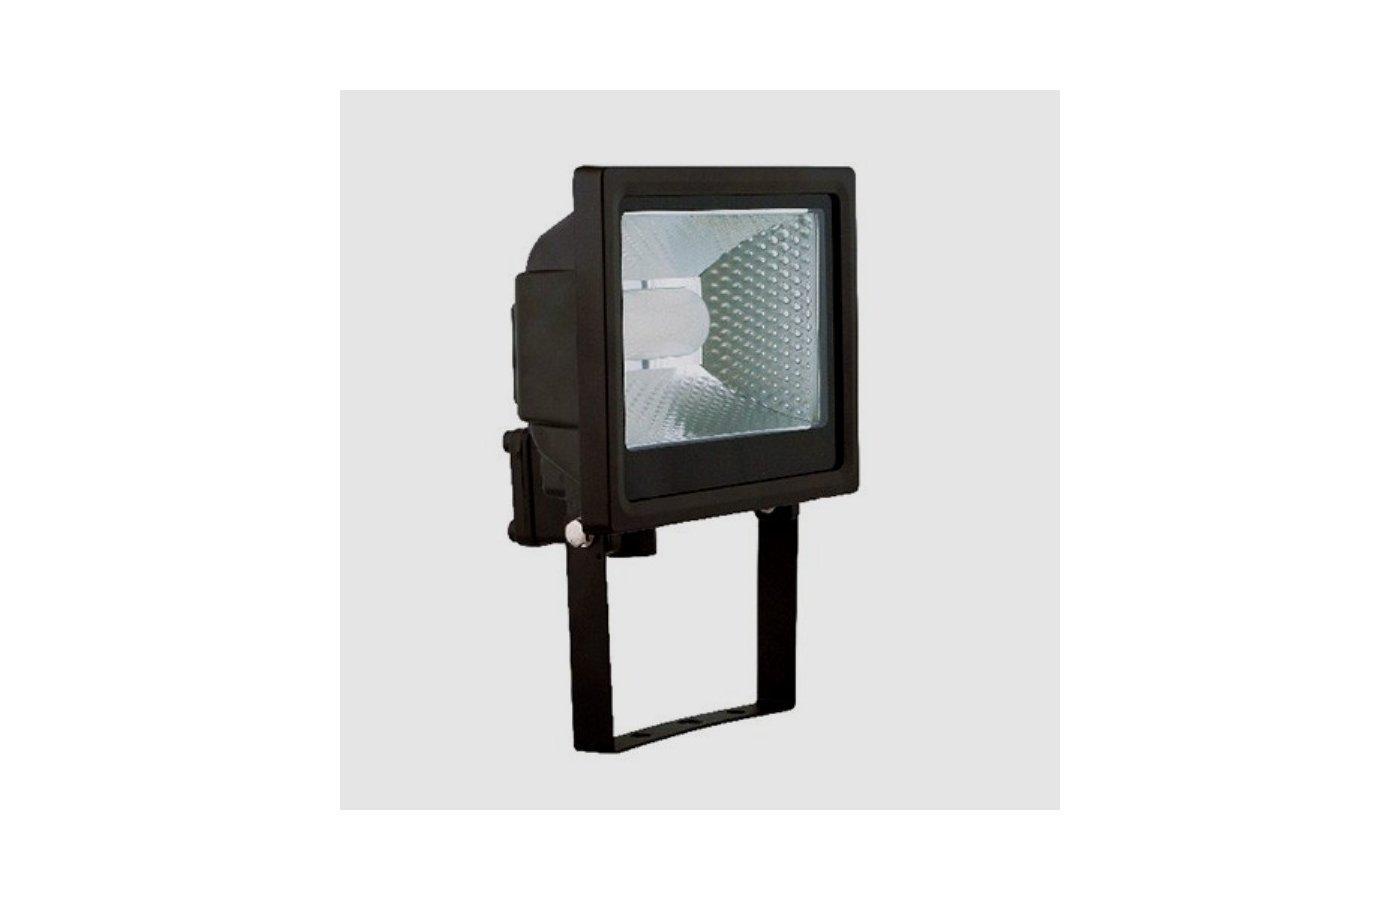 прибор для управления освещением Camelion LFL-2010-NW C02 черный (Светодиодный SMD прожектор 20Вт)